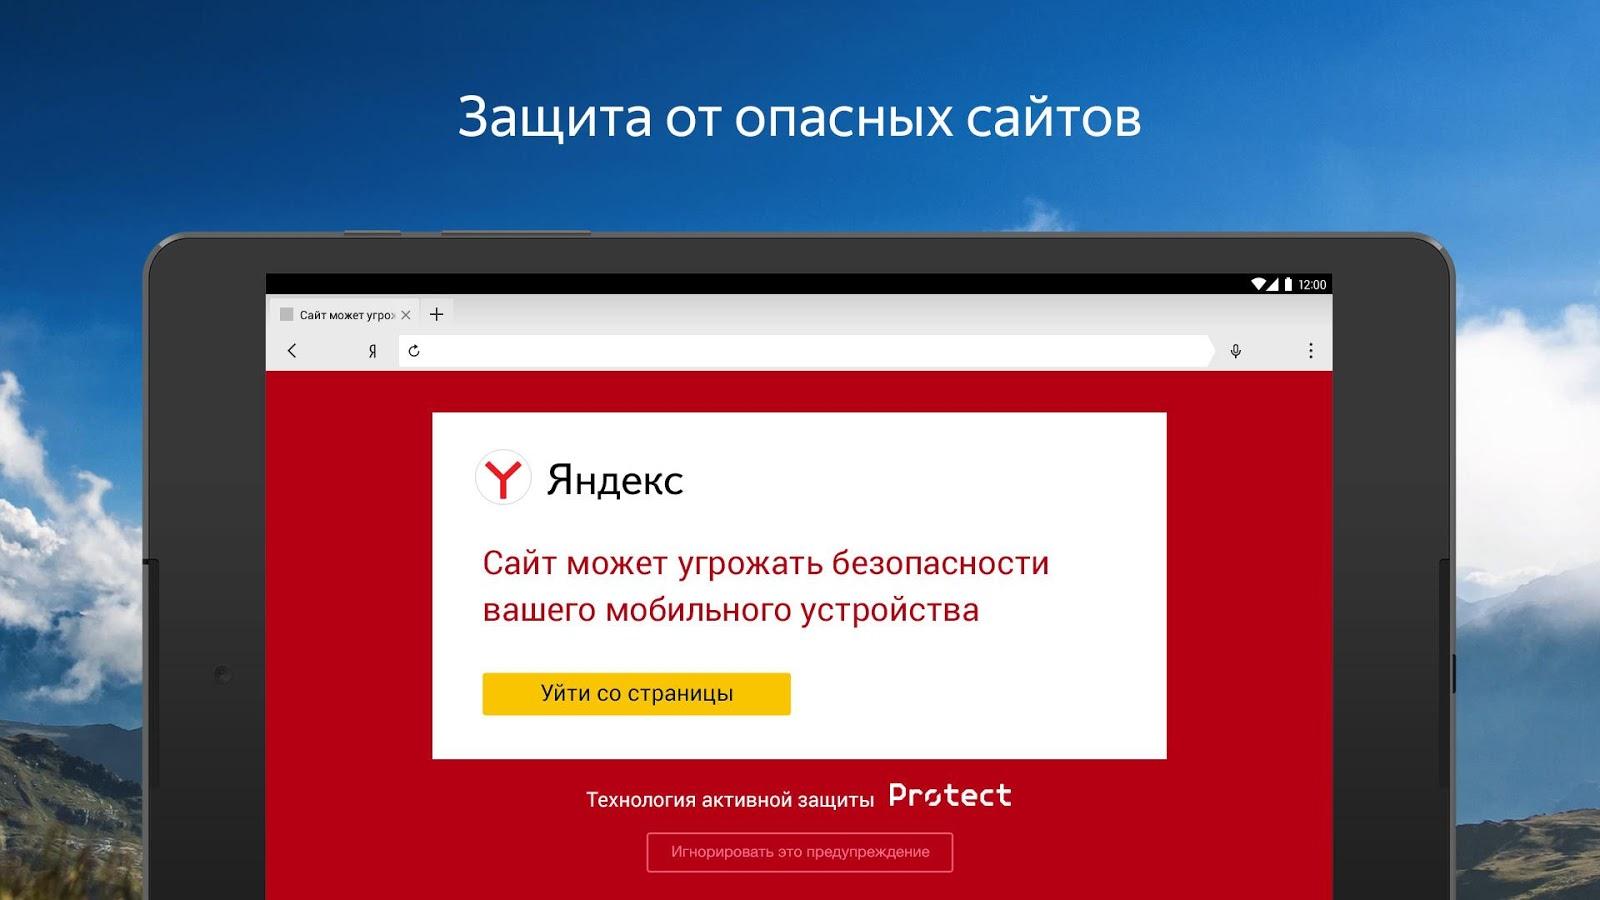 Яндекс скачать и установить яндекс браузер.